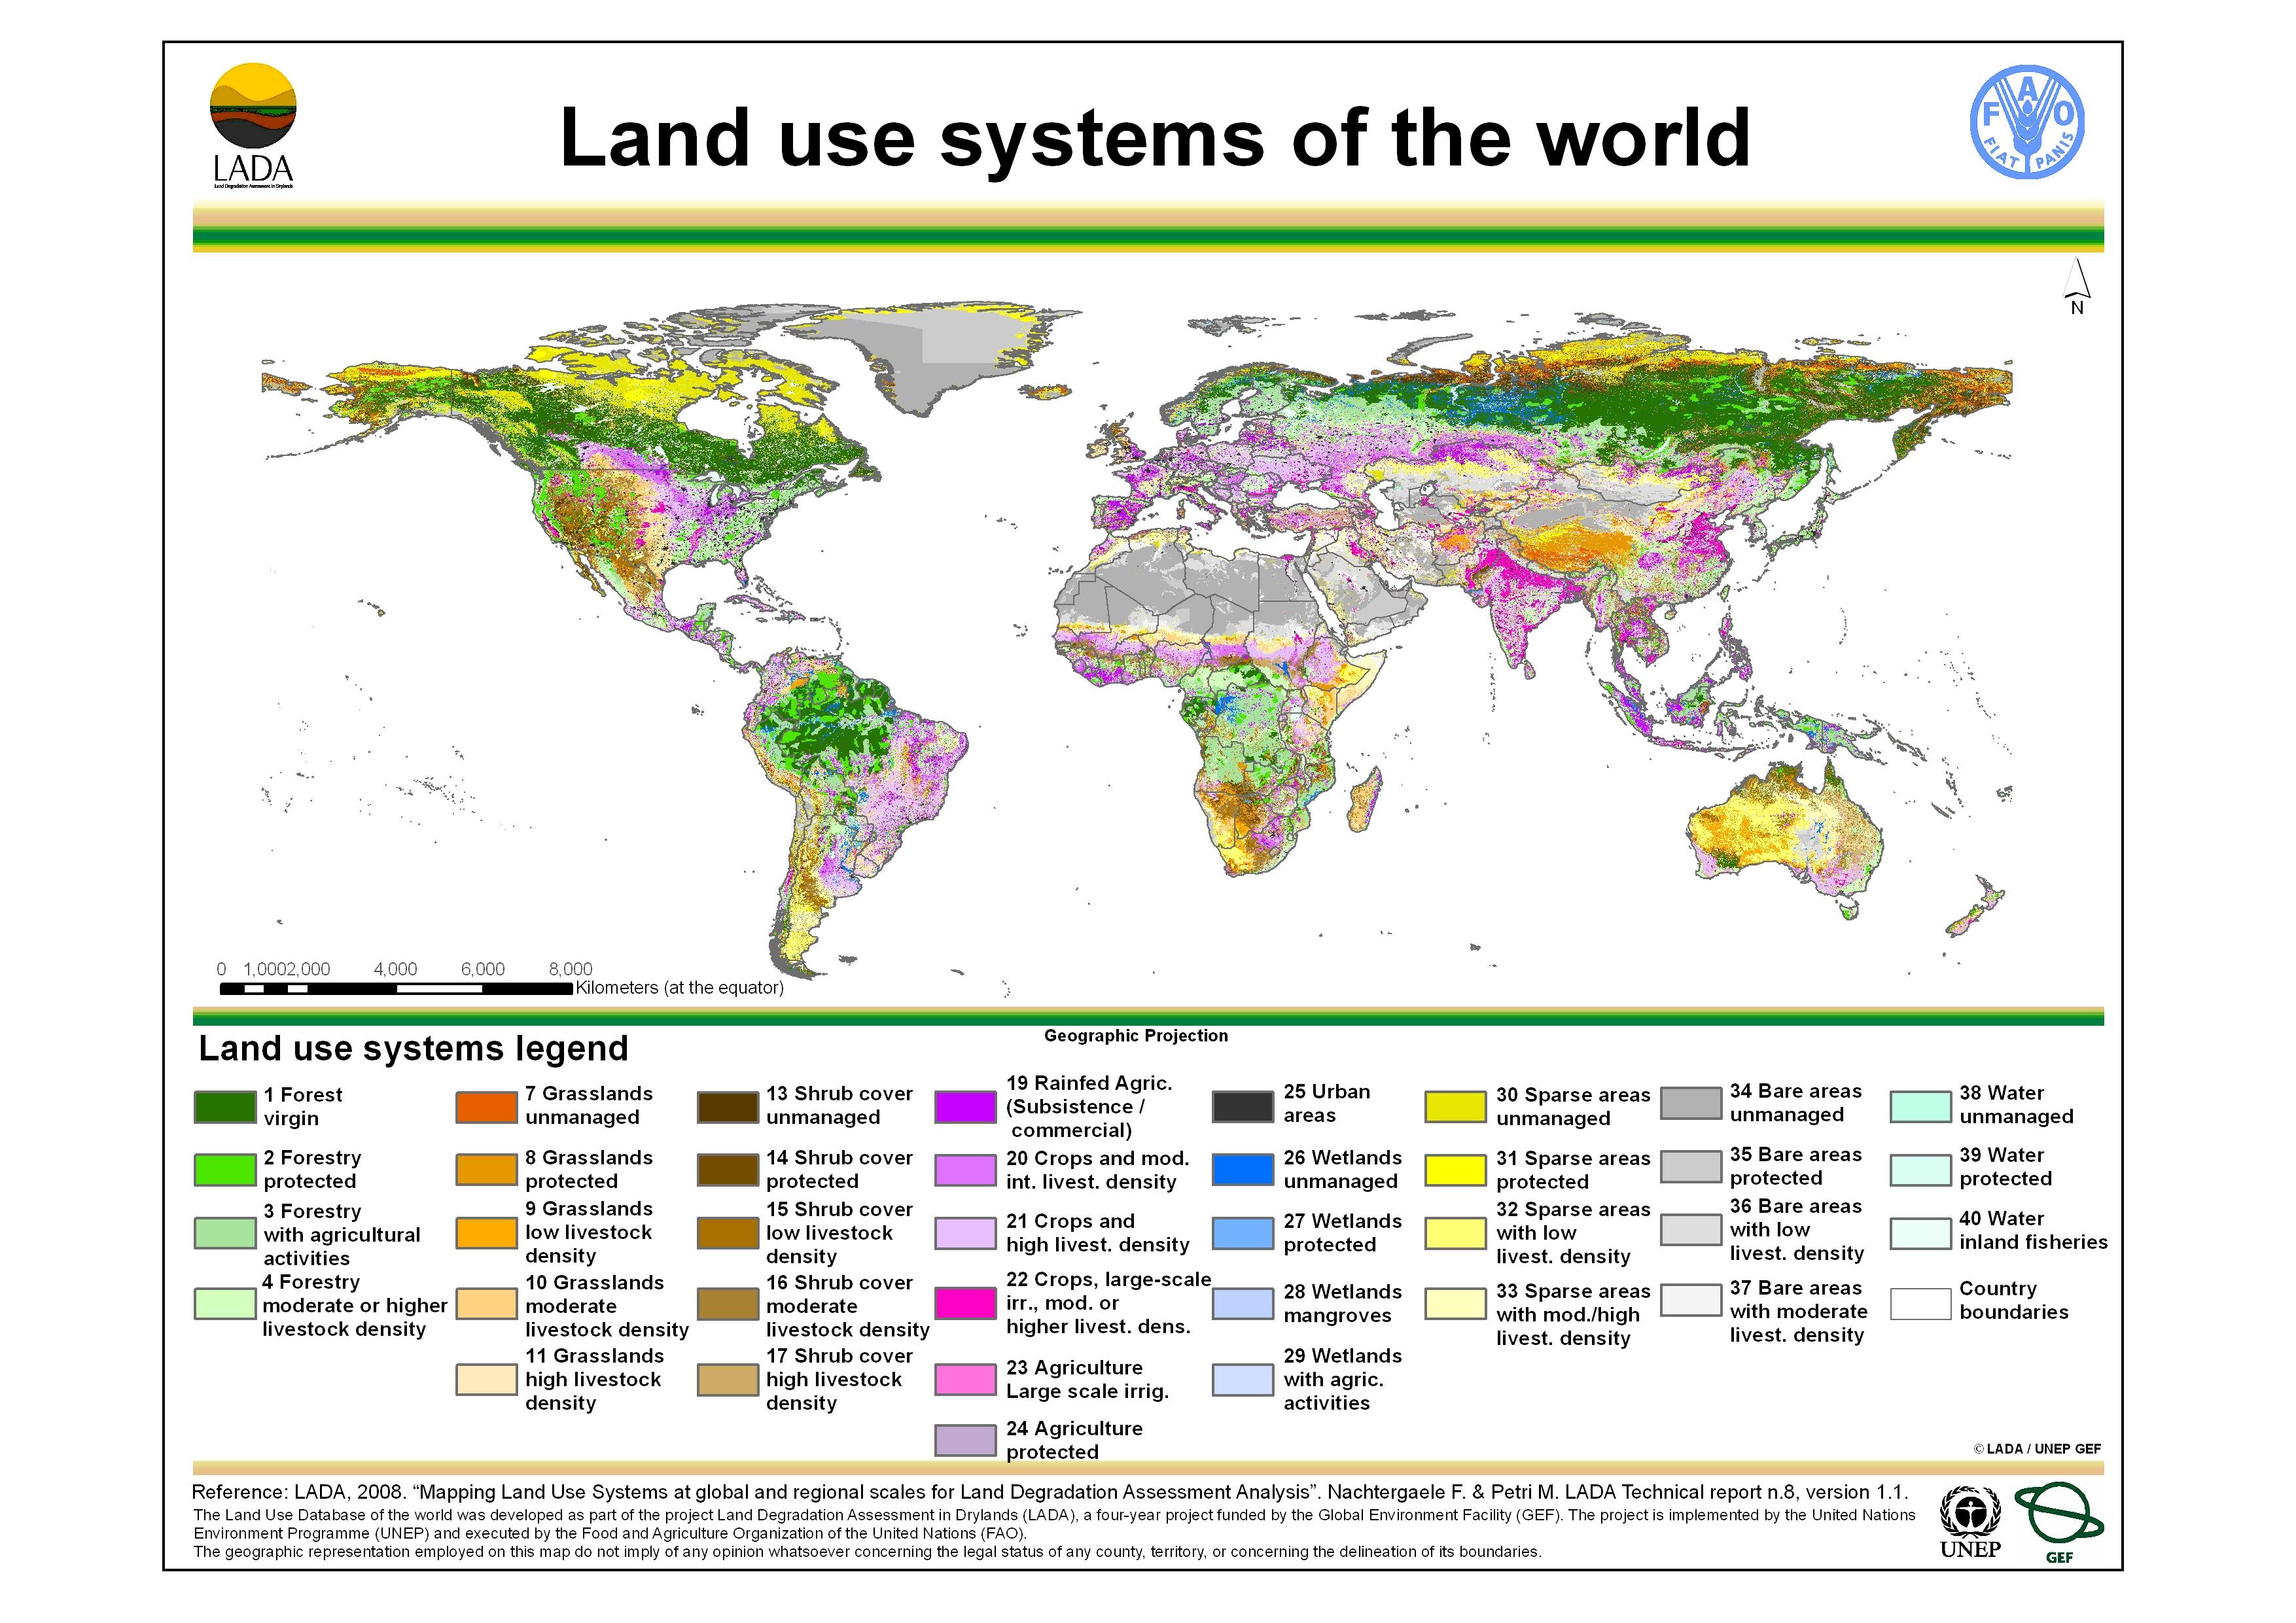 Földi területhsználatok